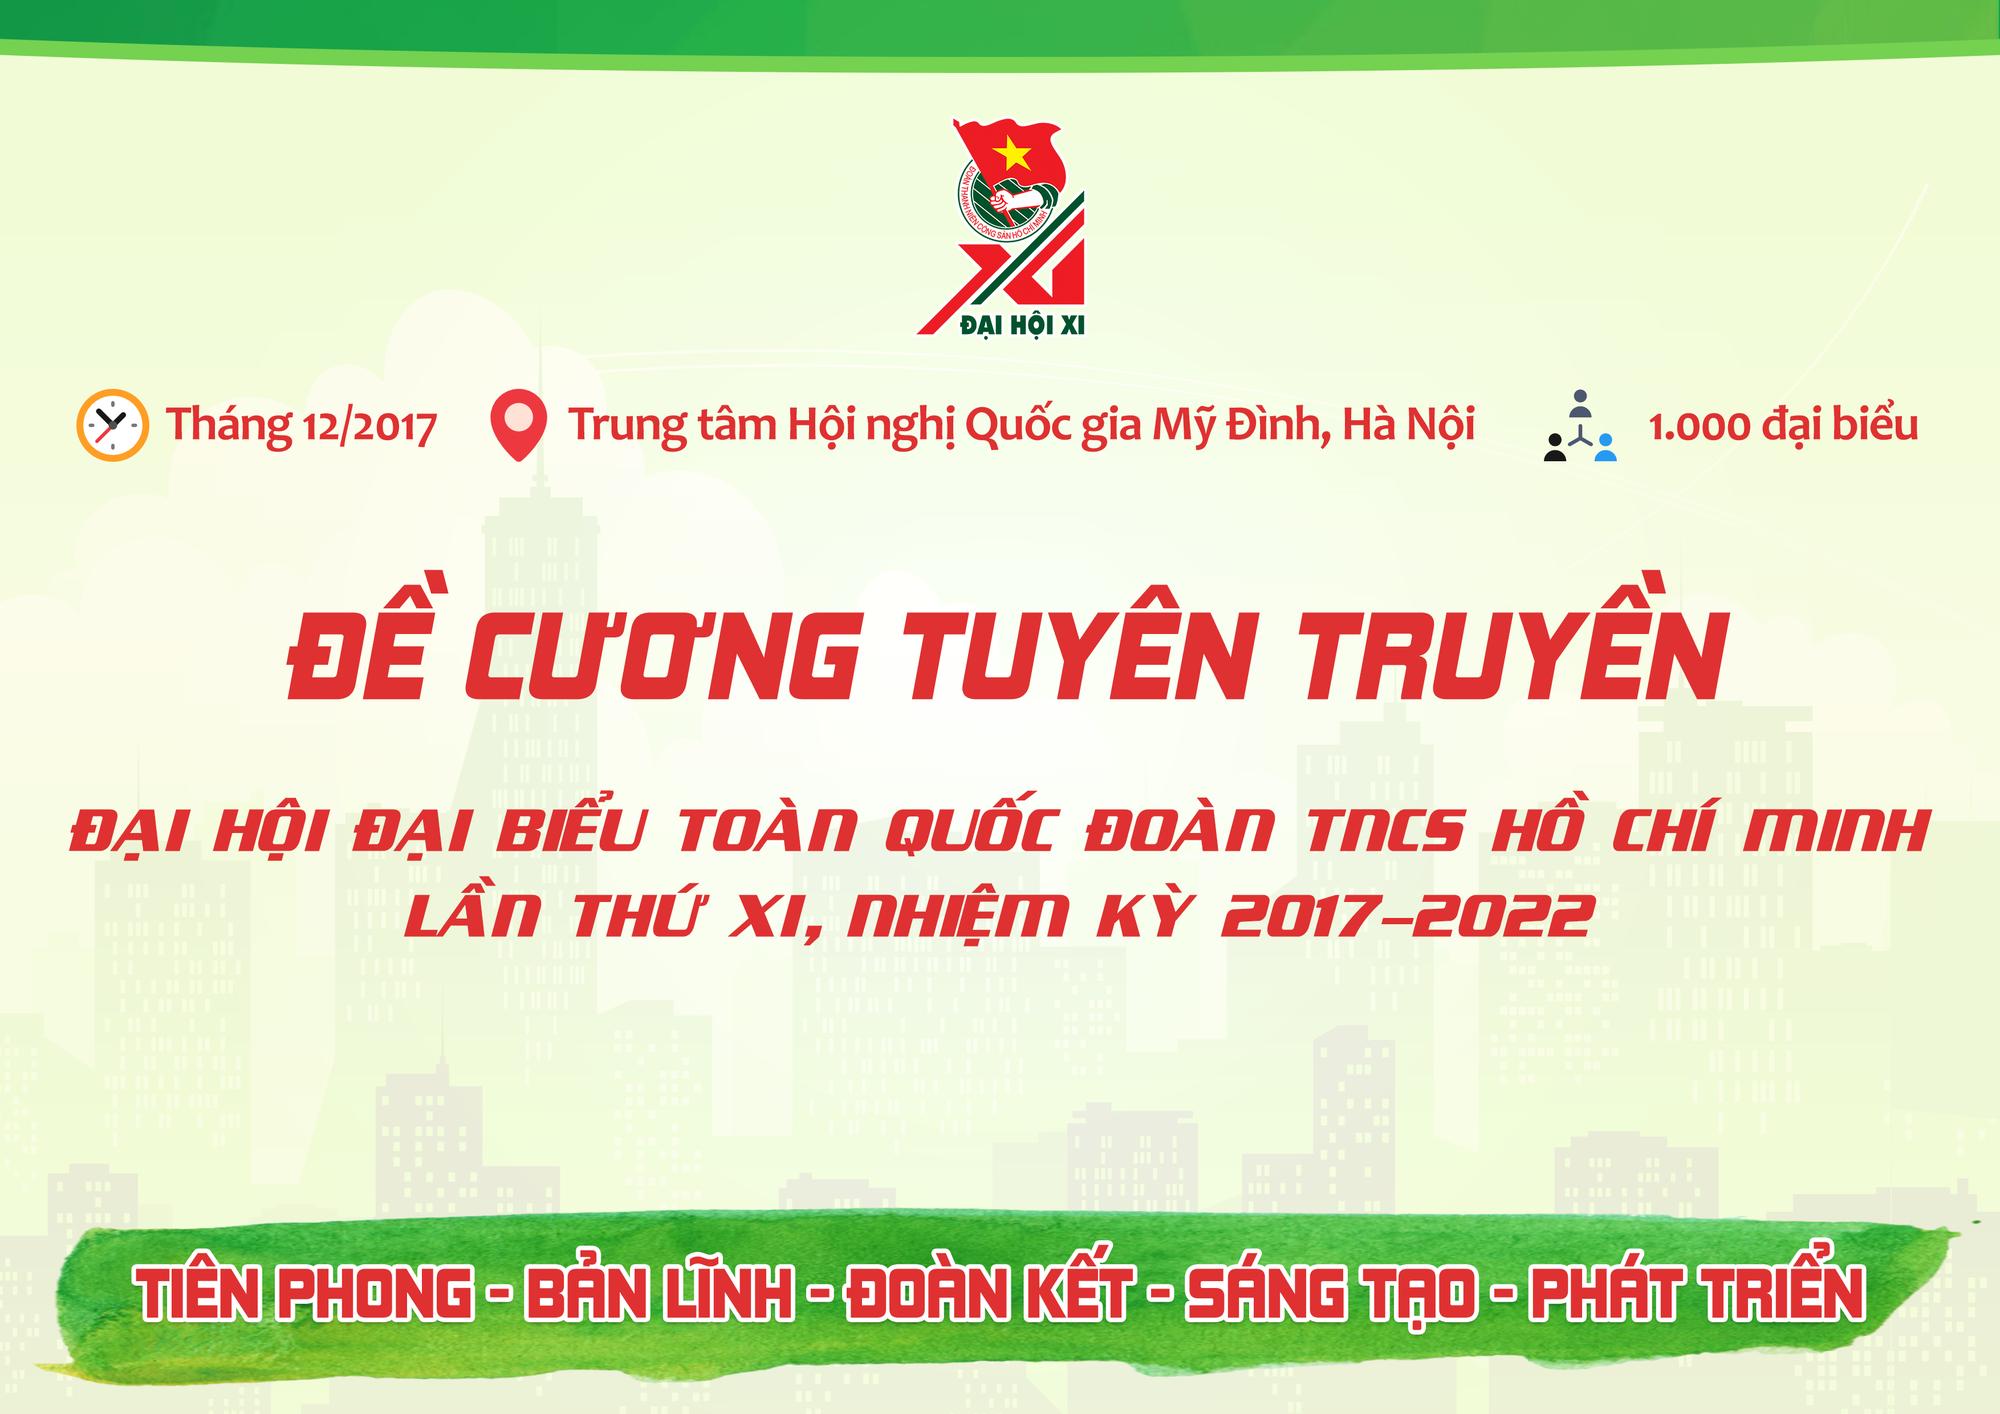 Những con số ấn tượng Đoàn TNCS Hồ Chí Minh đã đạt được trong 5 năm qua - Ảnh 1.